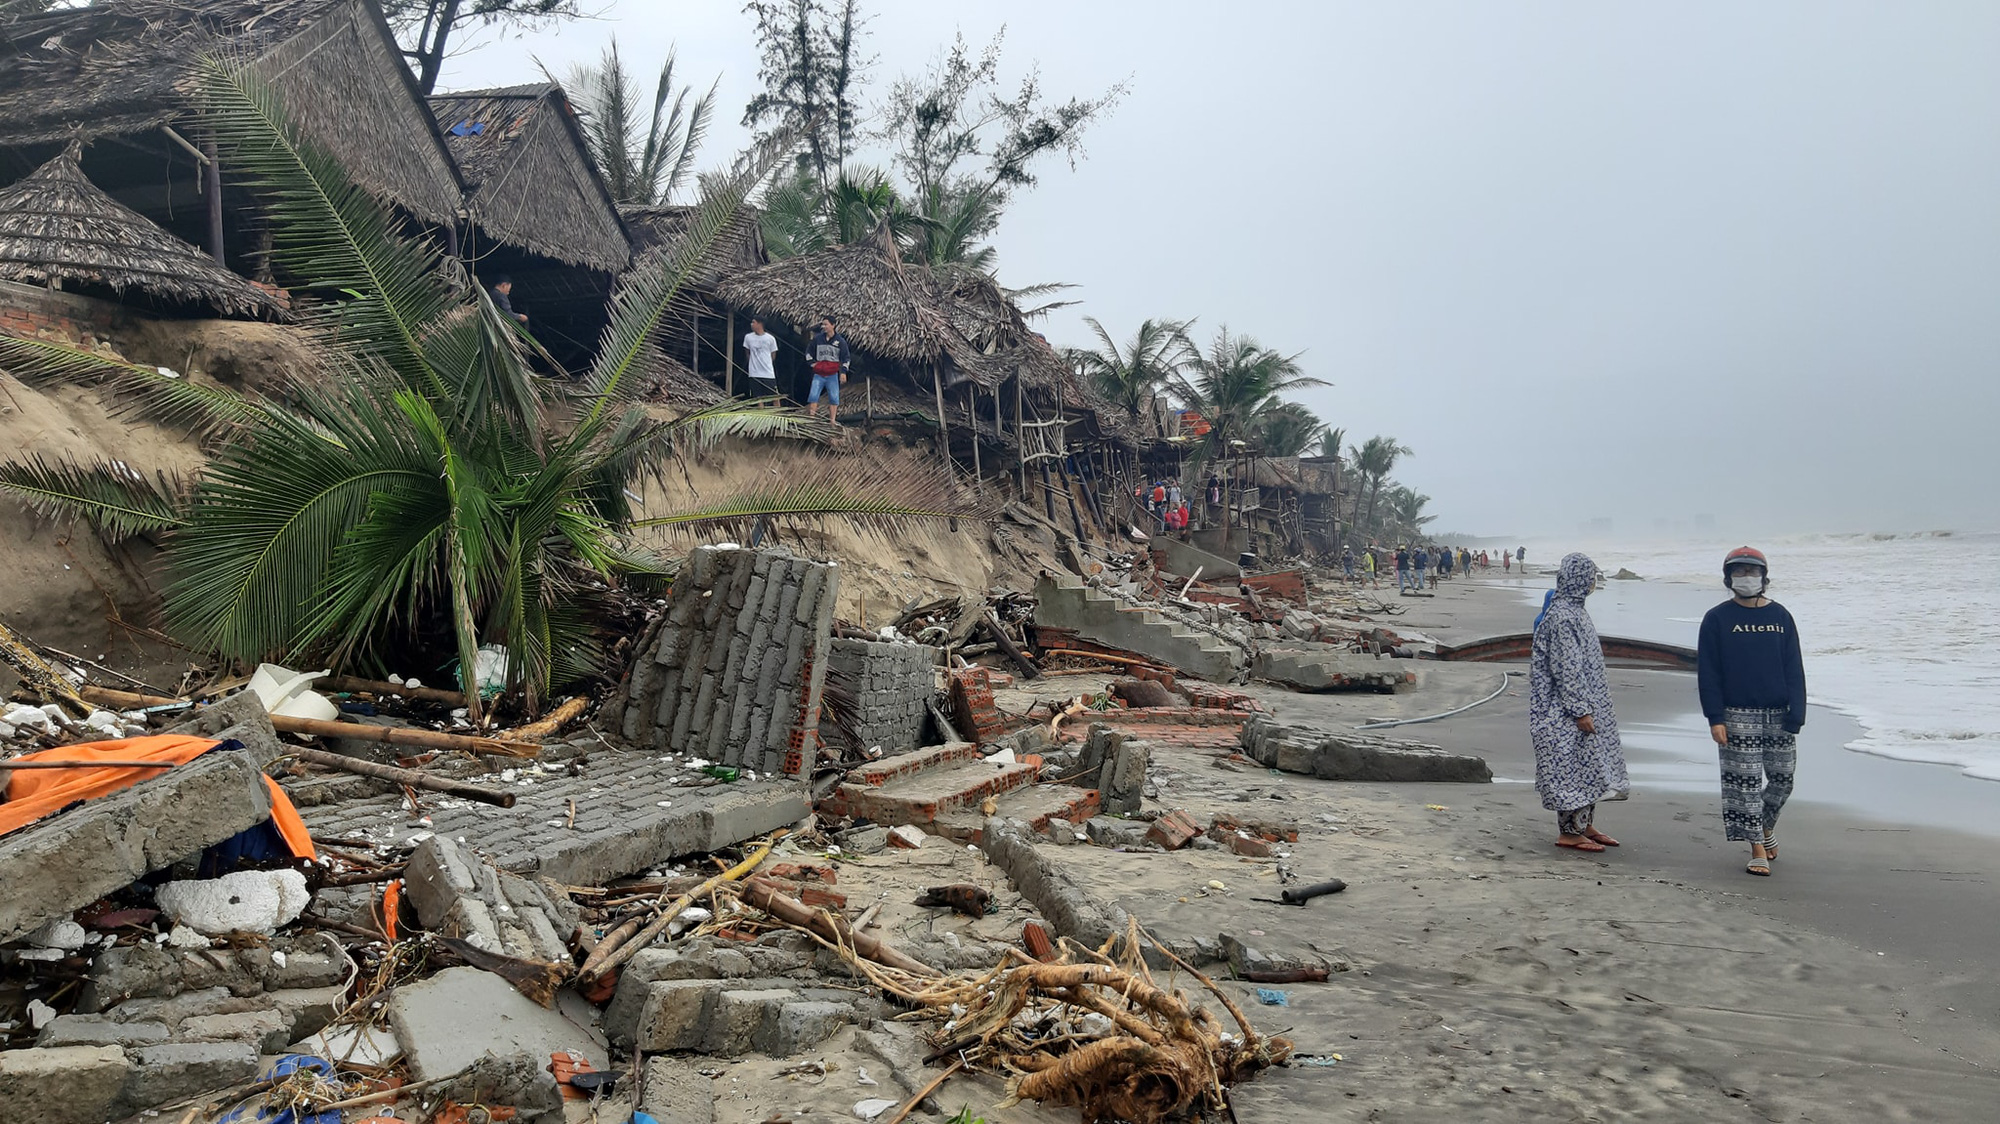 Ảnh hưởng bão số 13: Hàng chục nhà hàng ven biển An Bàng, Hội An bị đánh sập  - Ảnh 6.